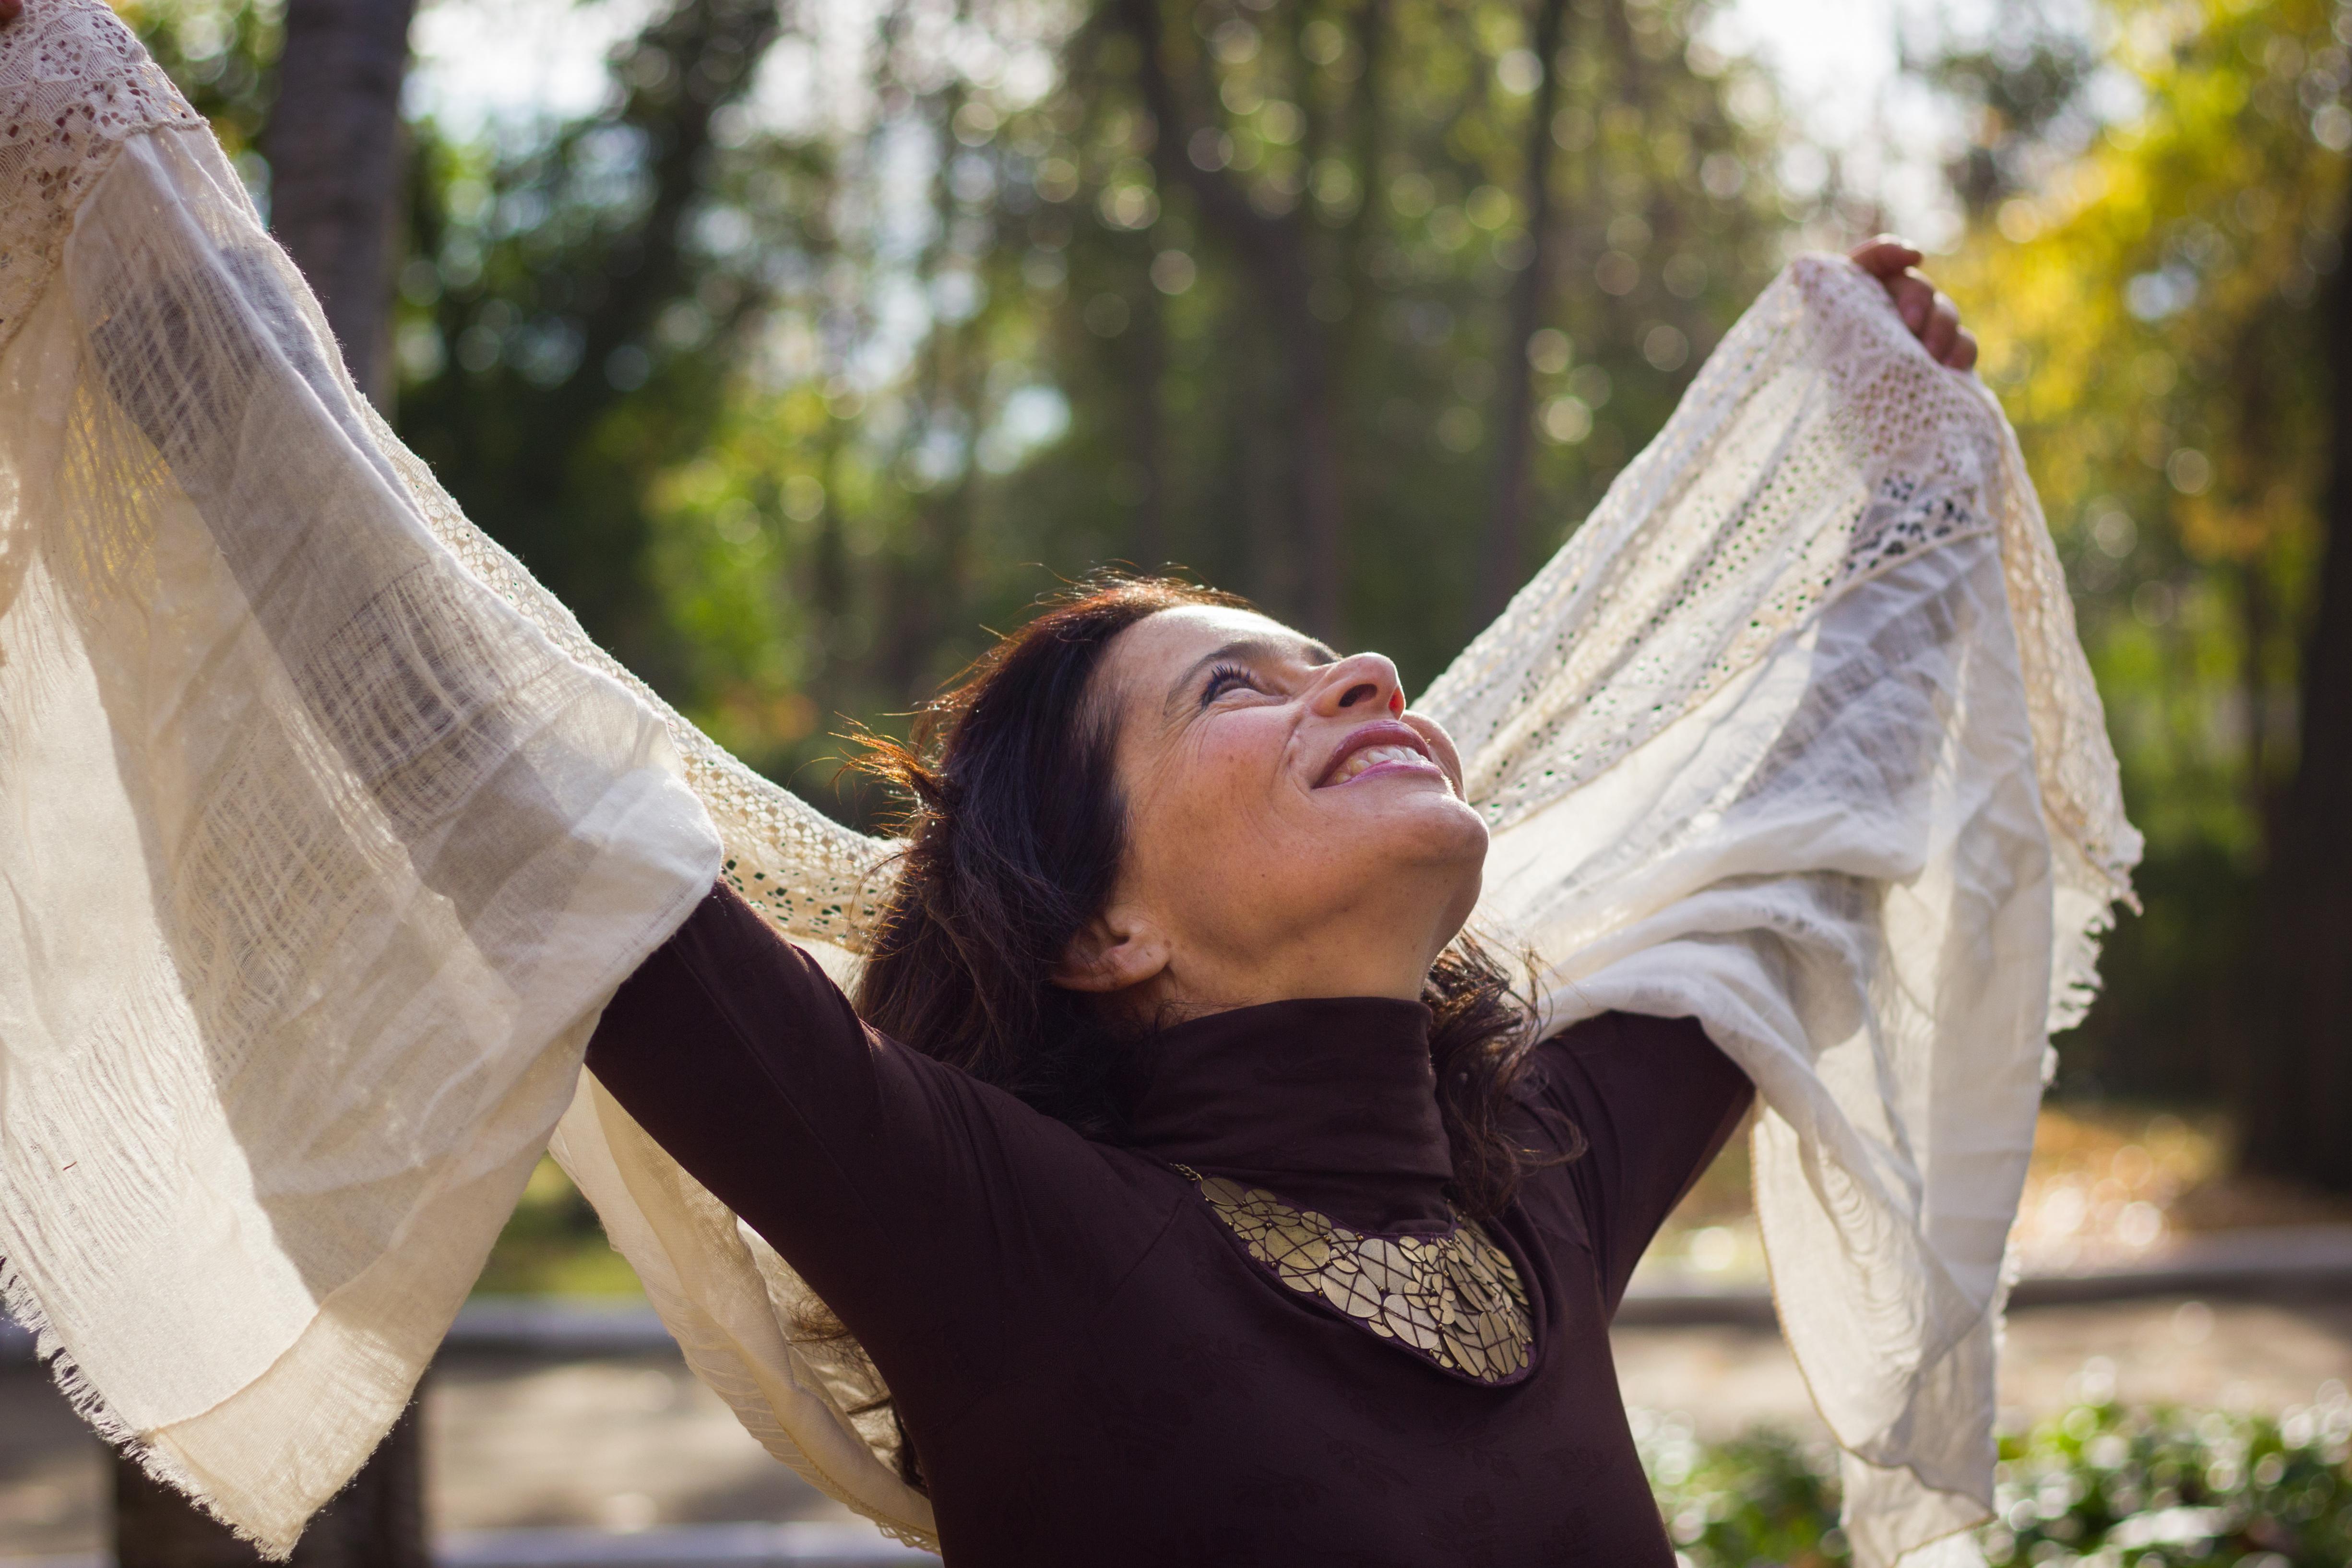 אישה בגיל מעבר ביער שמחה